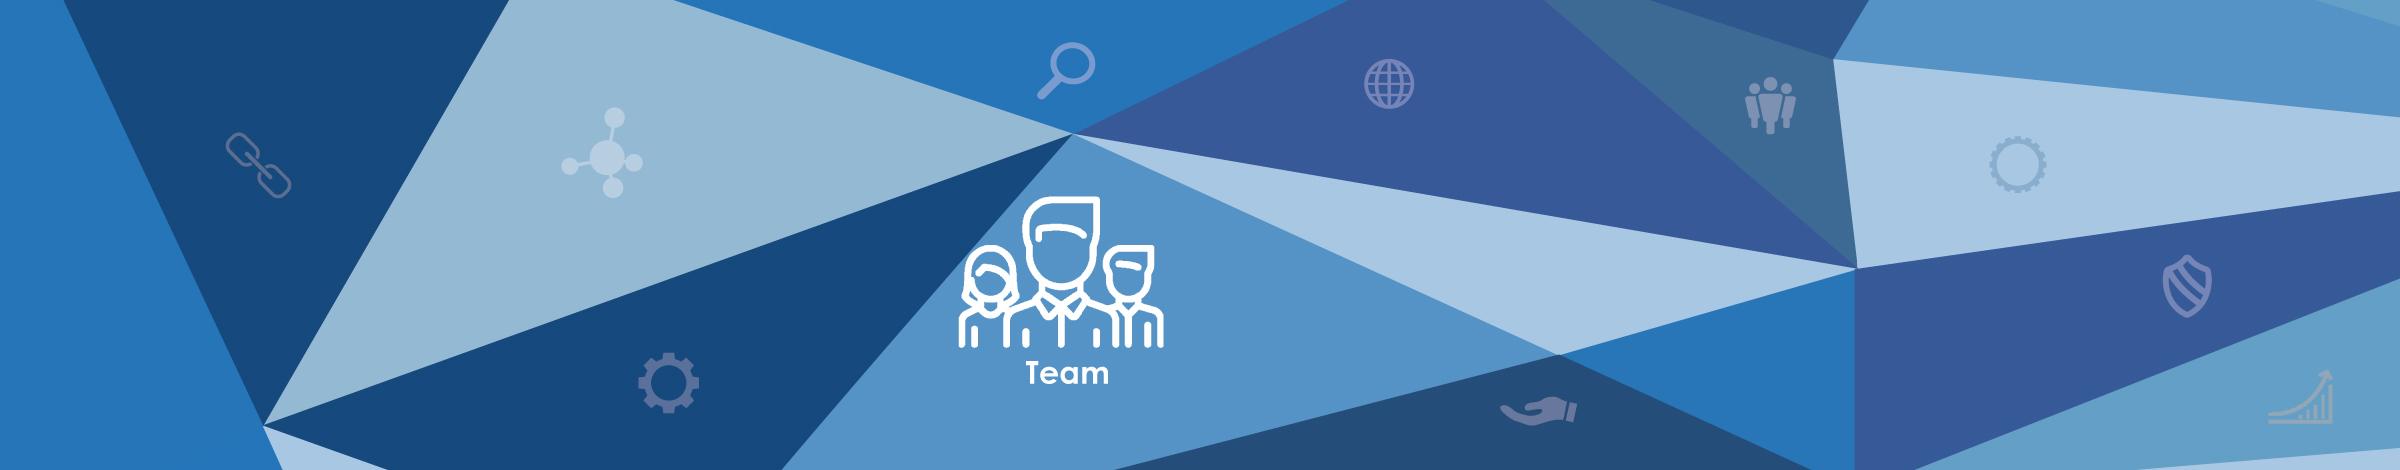 web updates kmu GmbH-wuk-WordPress und SEO Agentur -  Team